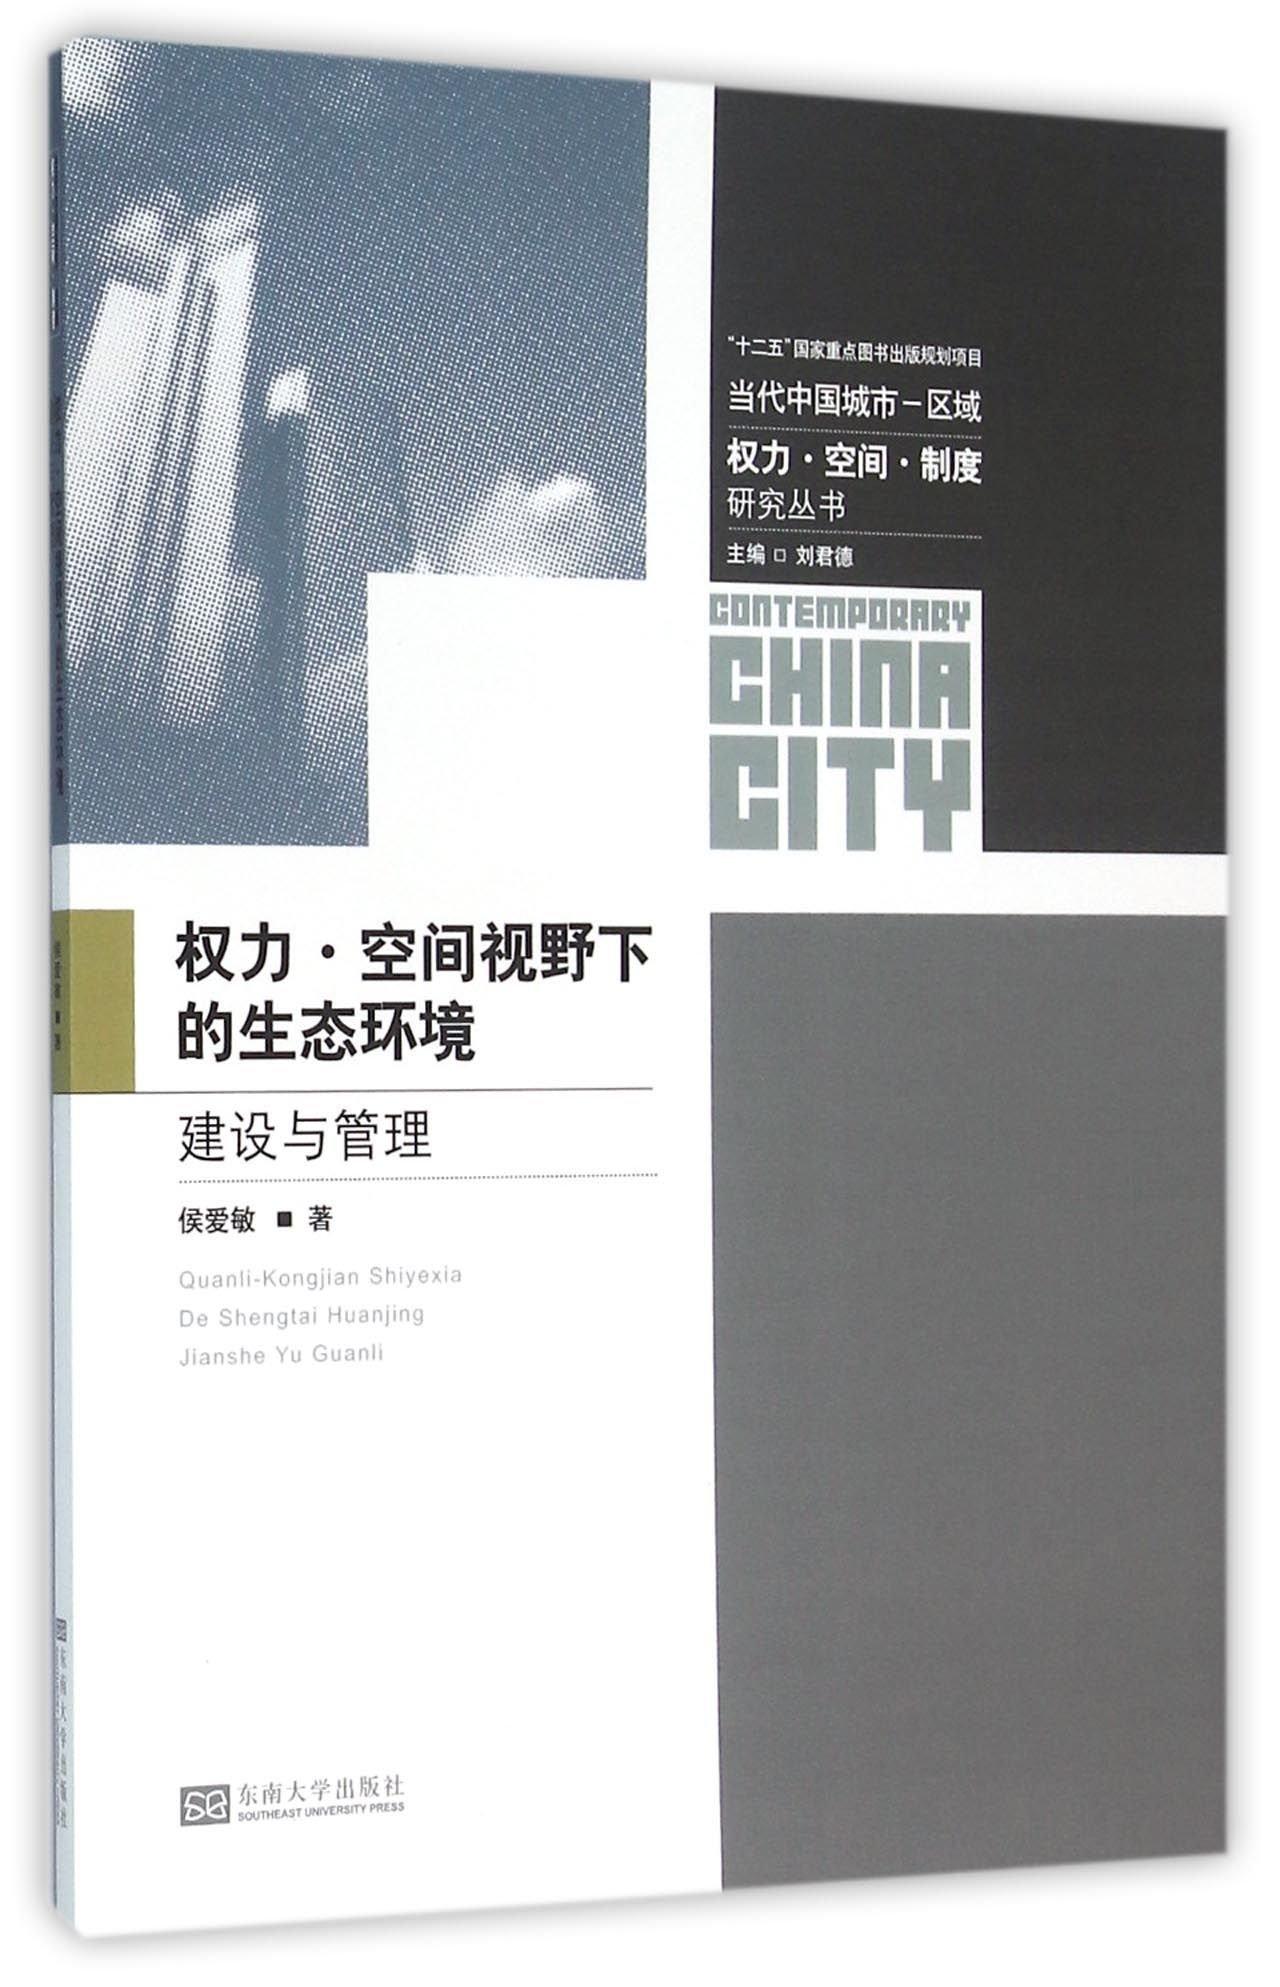 权力空间视野下的生态环境建设与管理/当代中国城市区域权力空间制度研究丛书 PDF